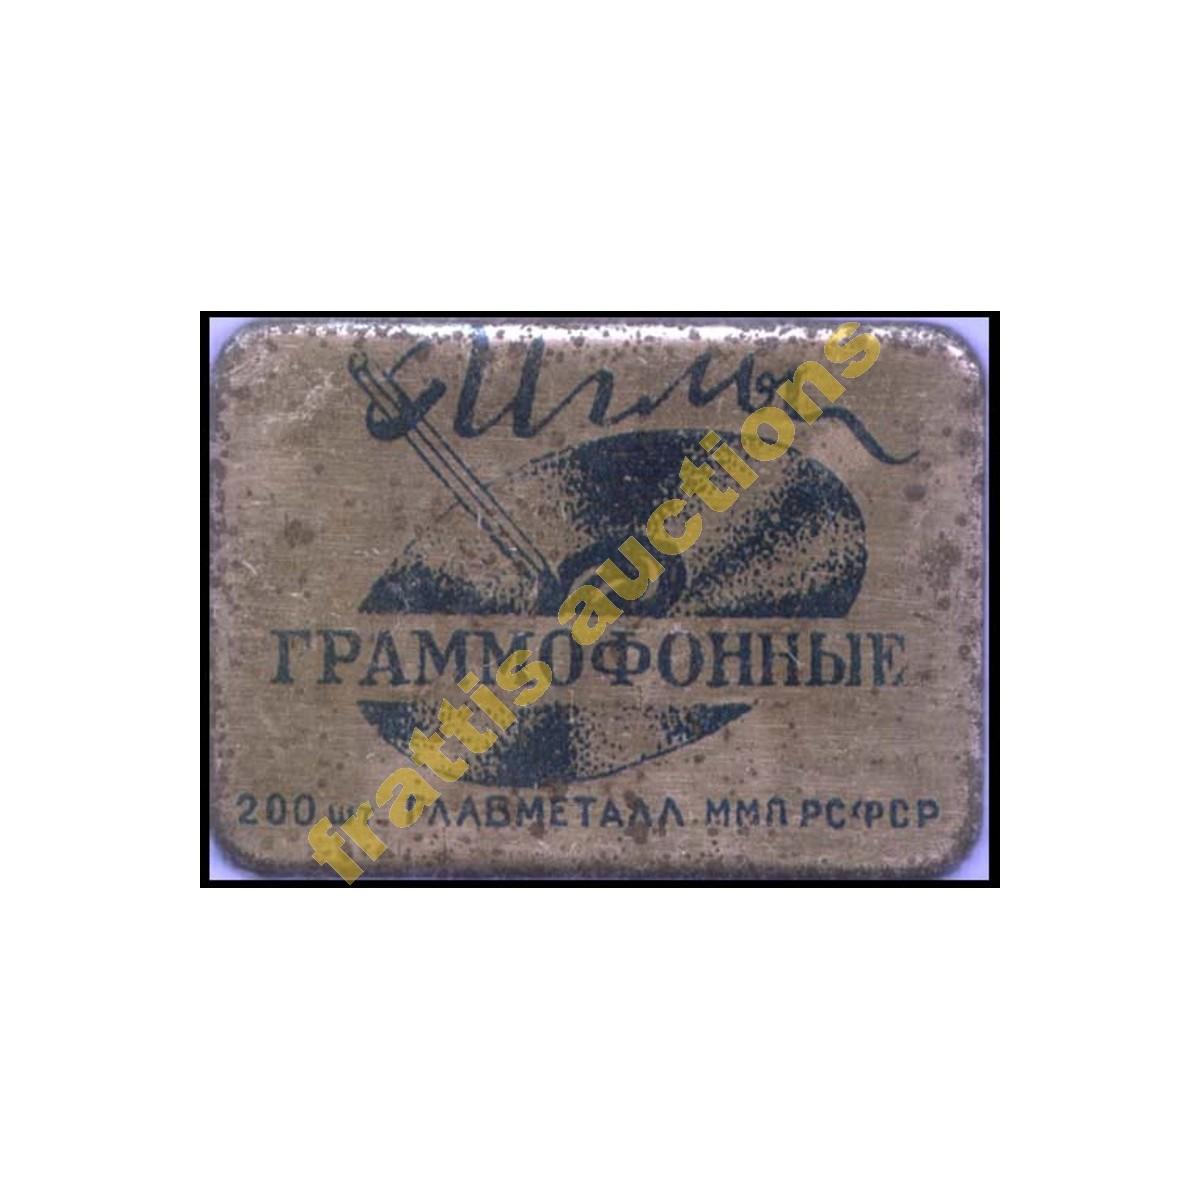 Μεταλλικό Κουτάκι με βελόνες Γραμμοφώνου Ρωσσίας.